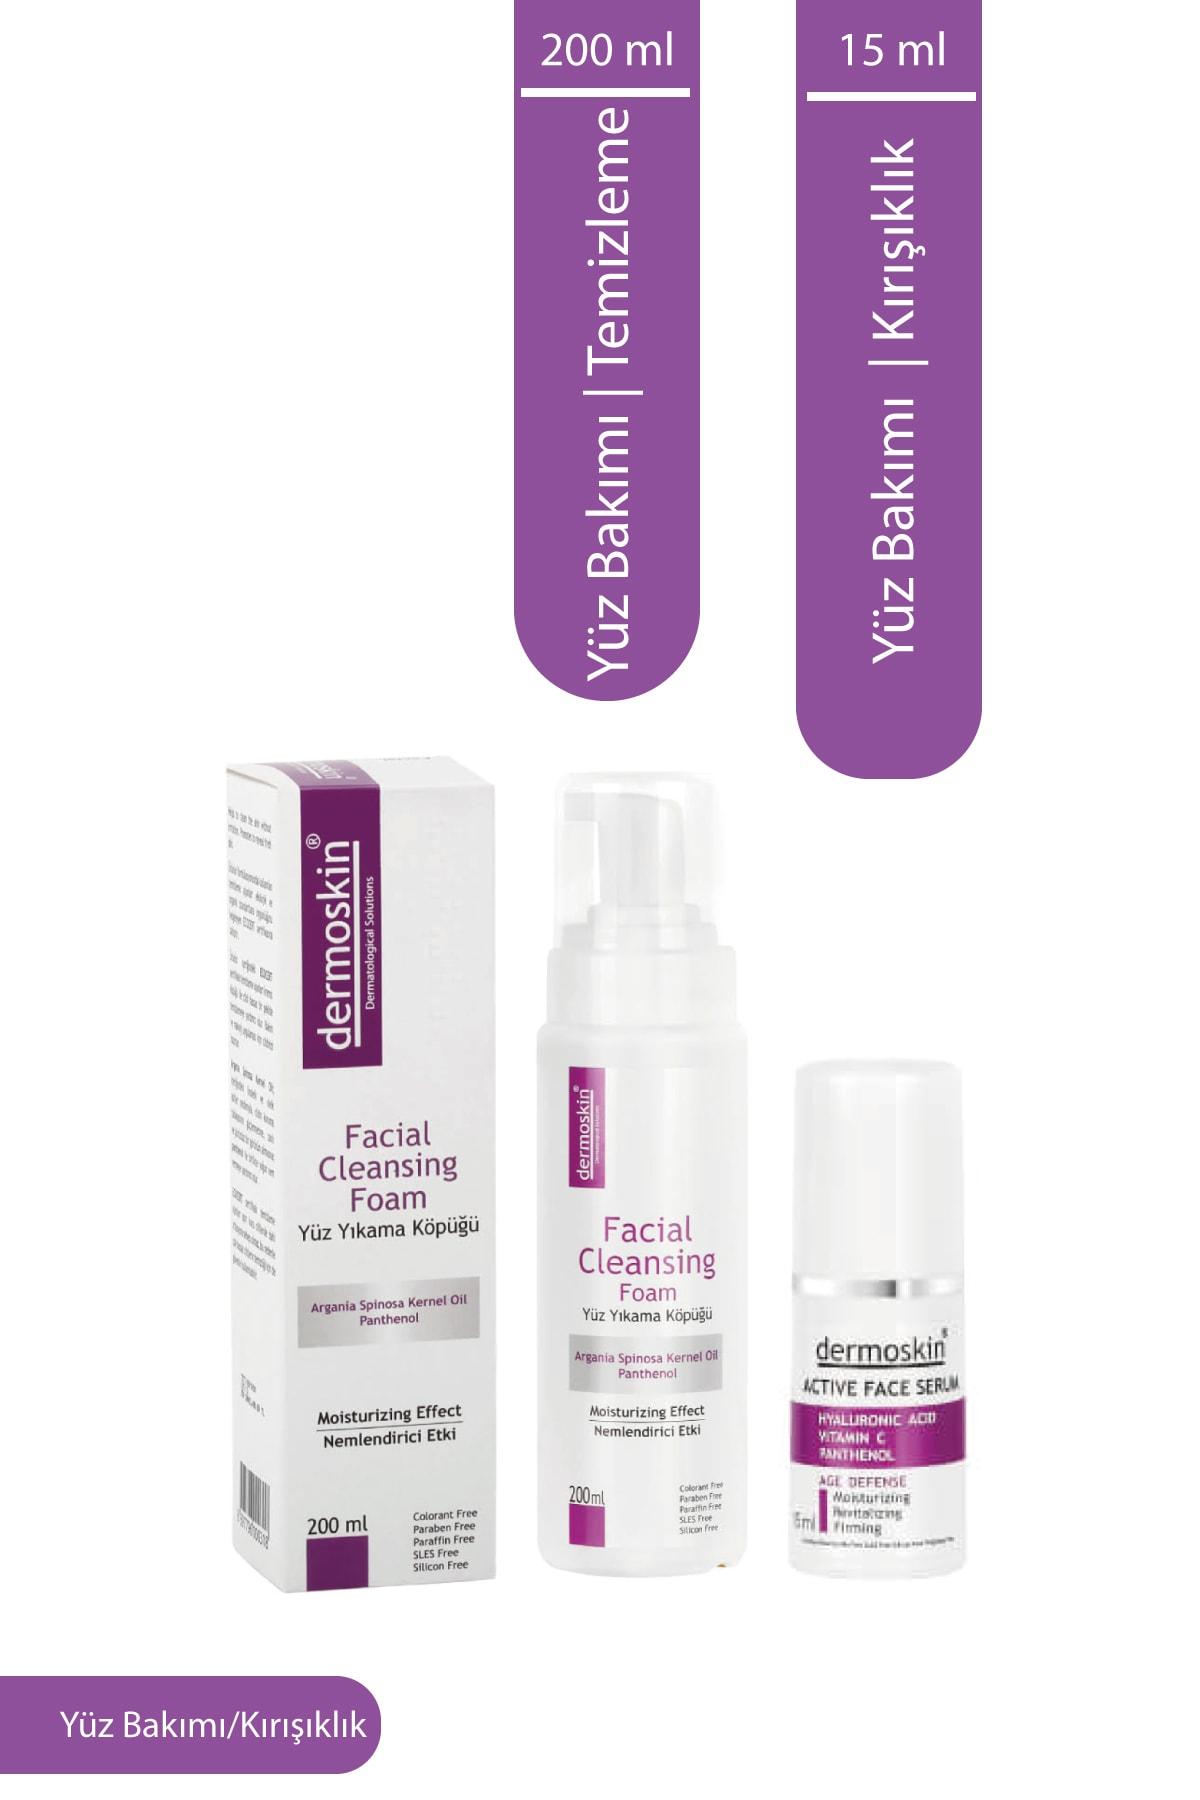 Dermoskin Yüz Temizleme Köpüğü 200 Ml + Active Face Serum 15 Ml 2'li Avantaj Paket 1